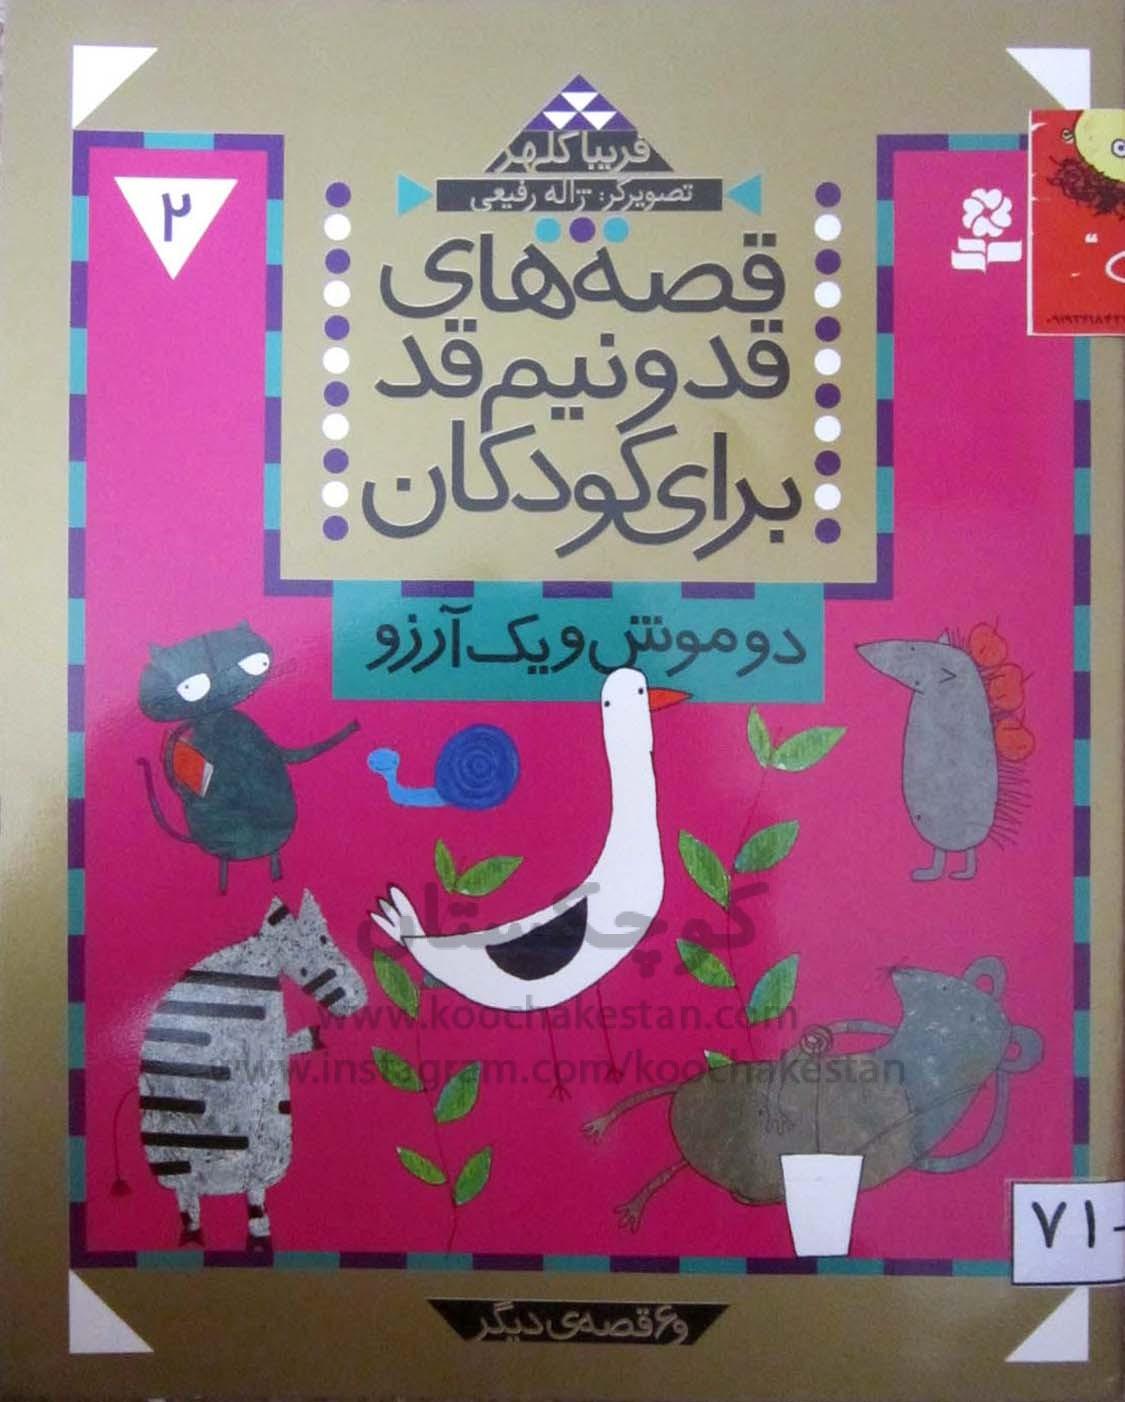 قصه های قدو نیم قد برای کودکان - کتابخانه کودک